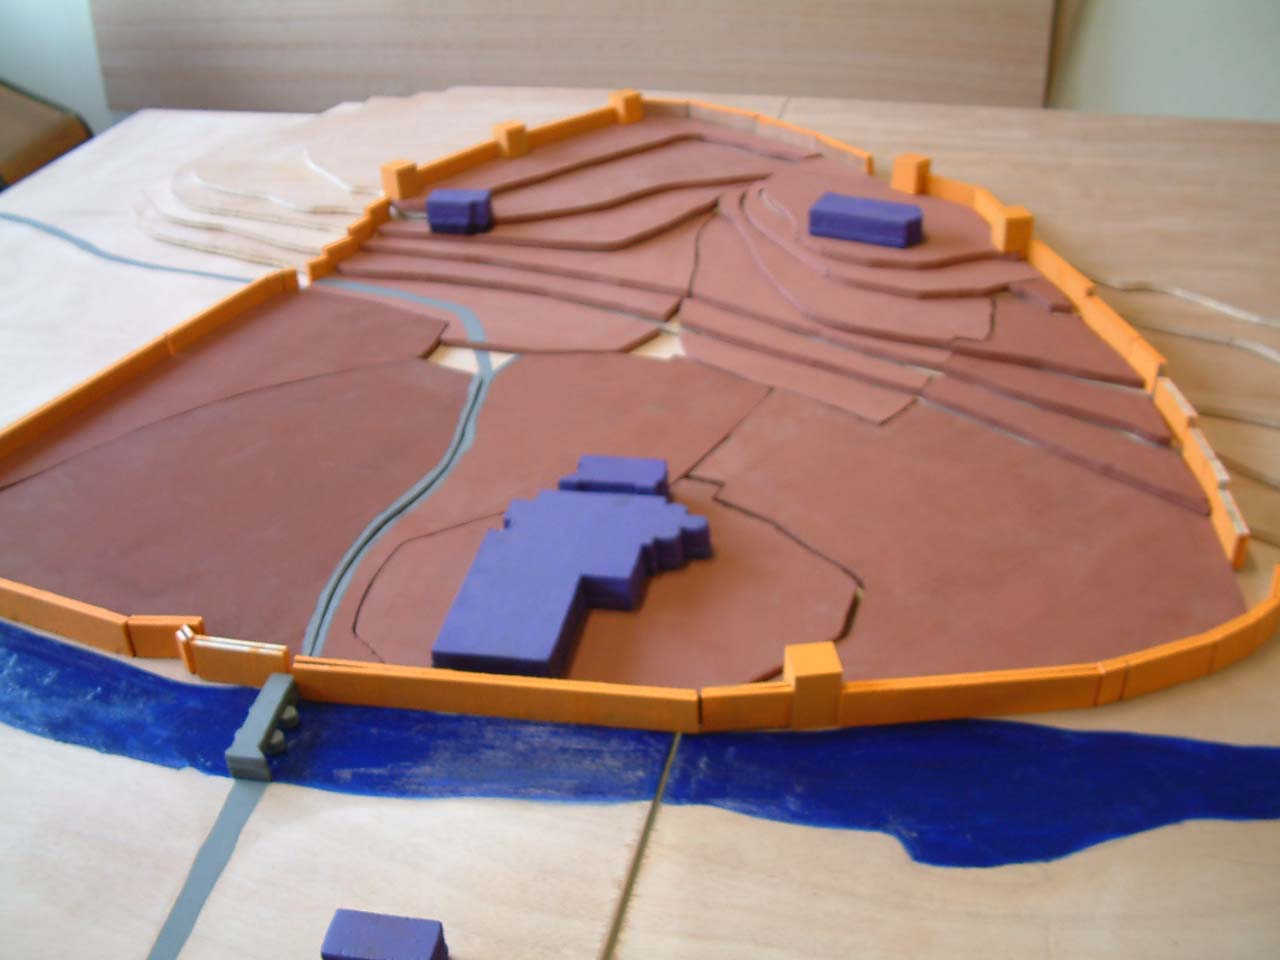 Les remparts de Figeac - Maquette de la ville au XVIIIe - SEGPA Figeac